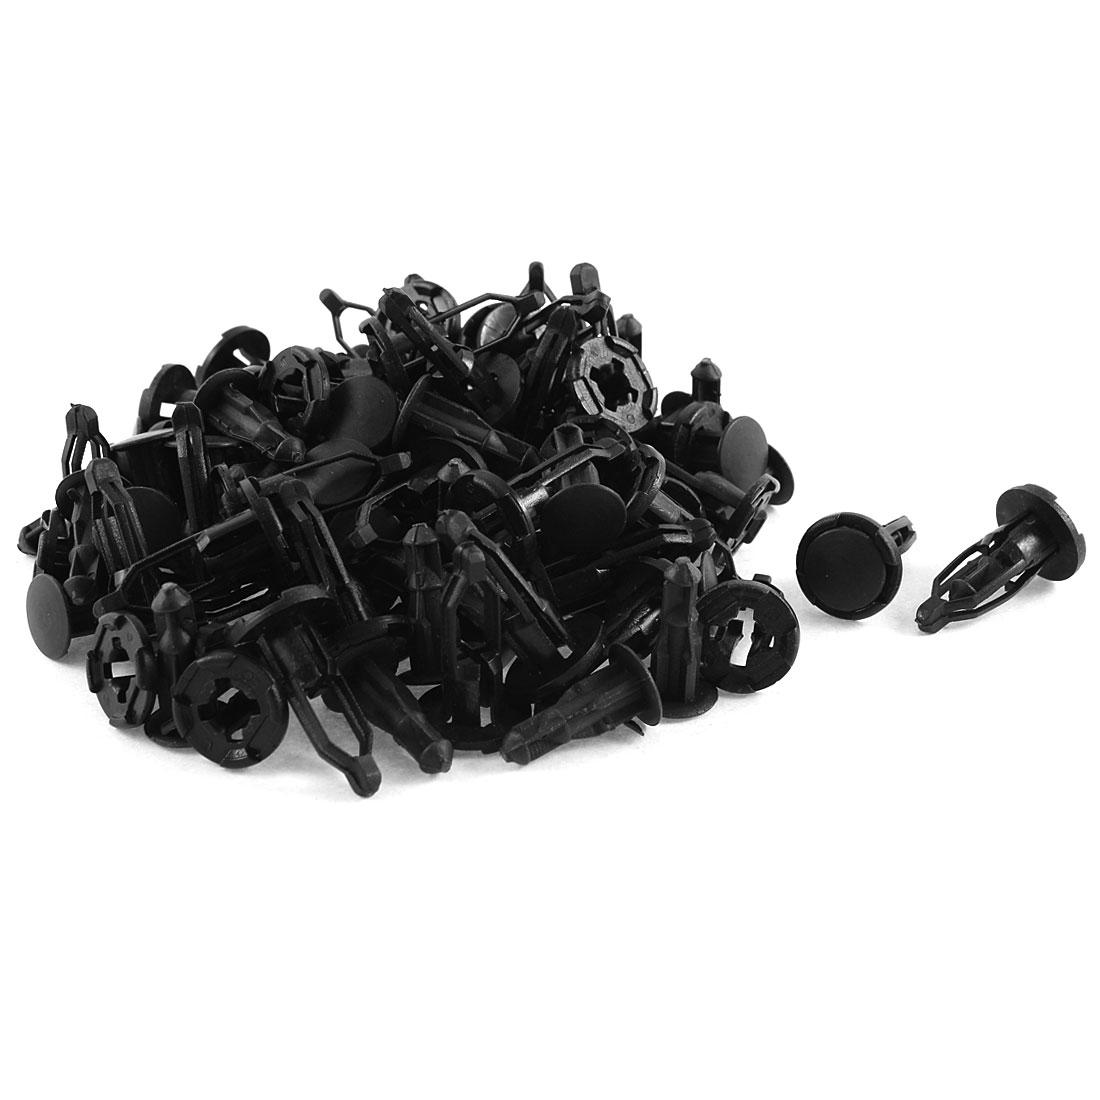 50 Pcs Black Plastic Rivet Trim Fastener Guard Clips 8mm x 17mm x 27mm